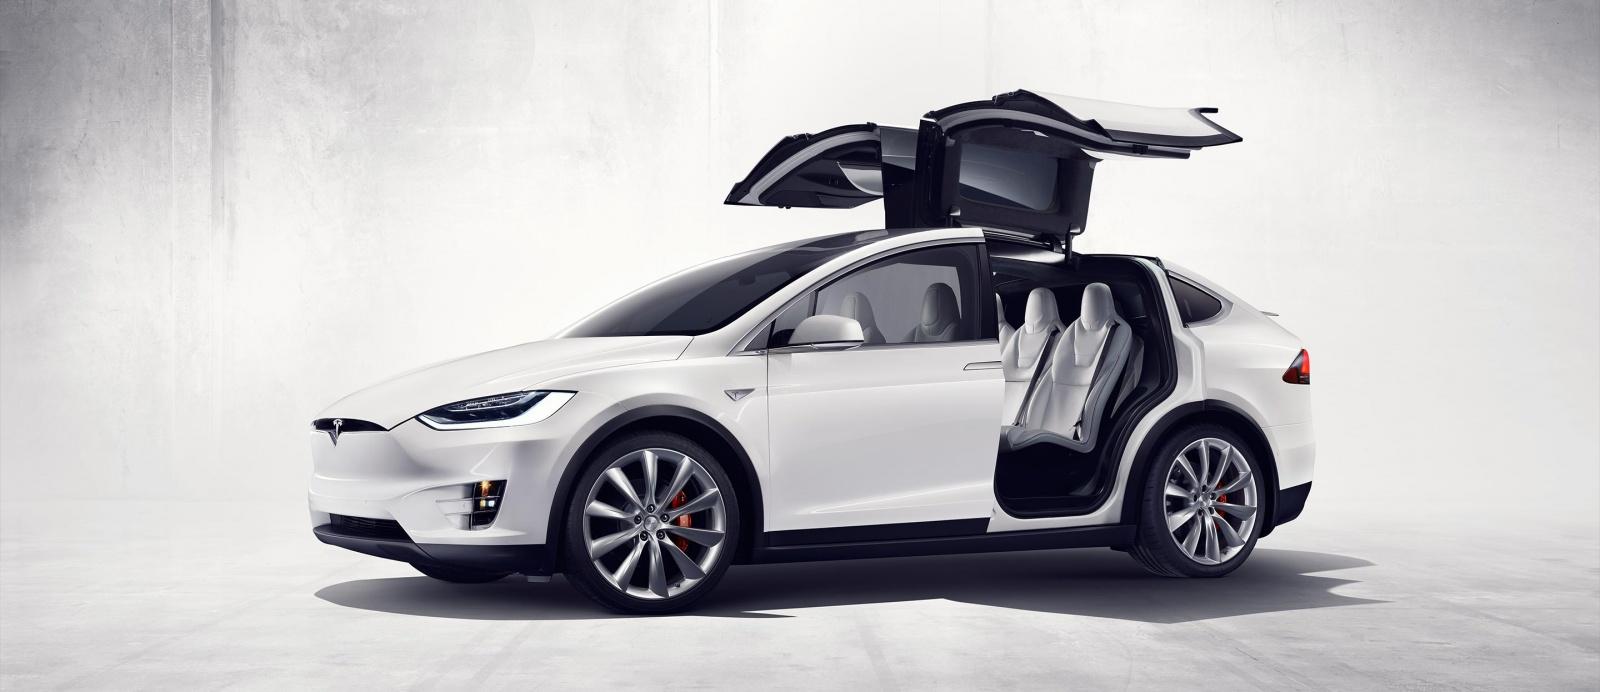 Начато производство Tesla Model X. Цена от $80000 - 1